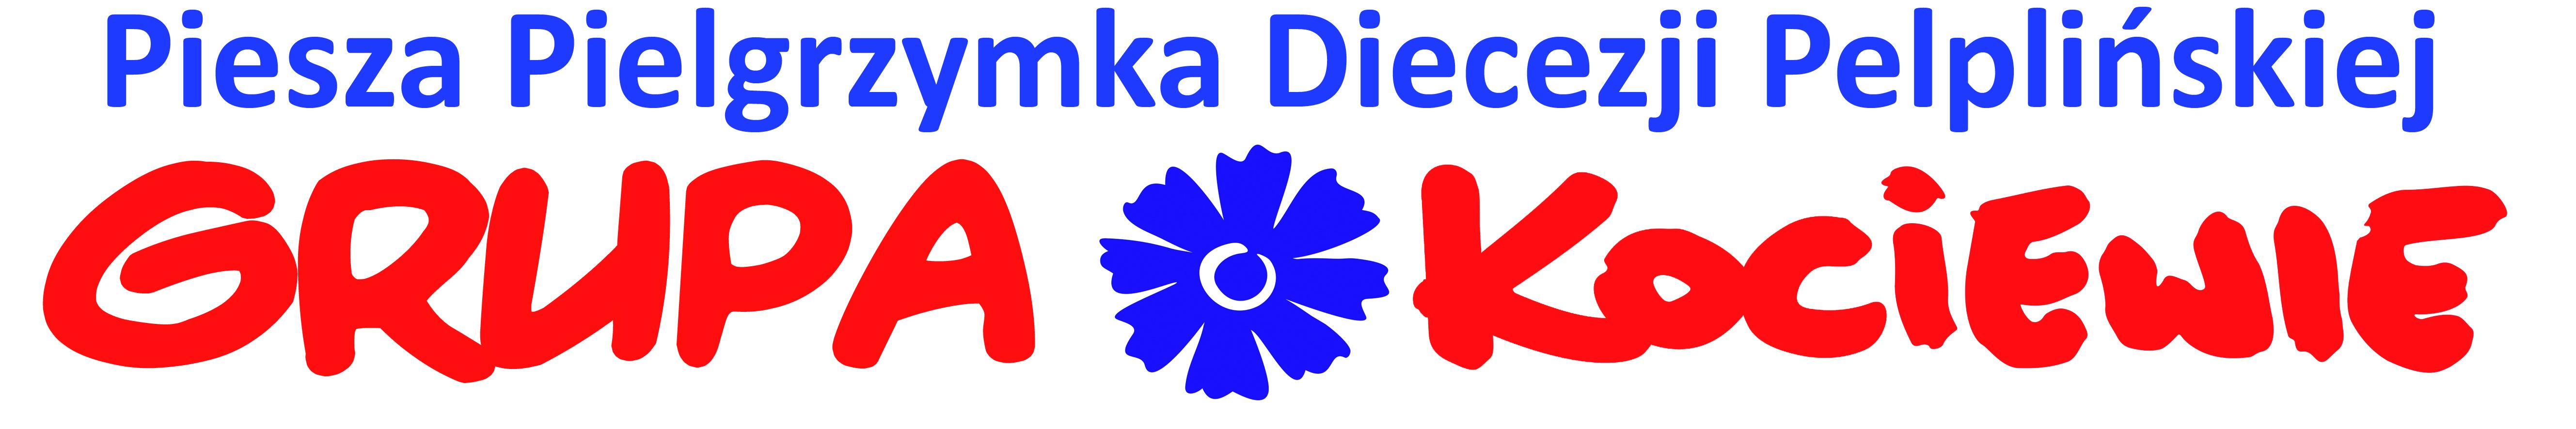 Pielgrzymka Diecezji Pelplińskiej logo